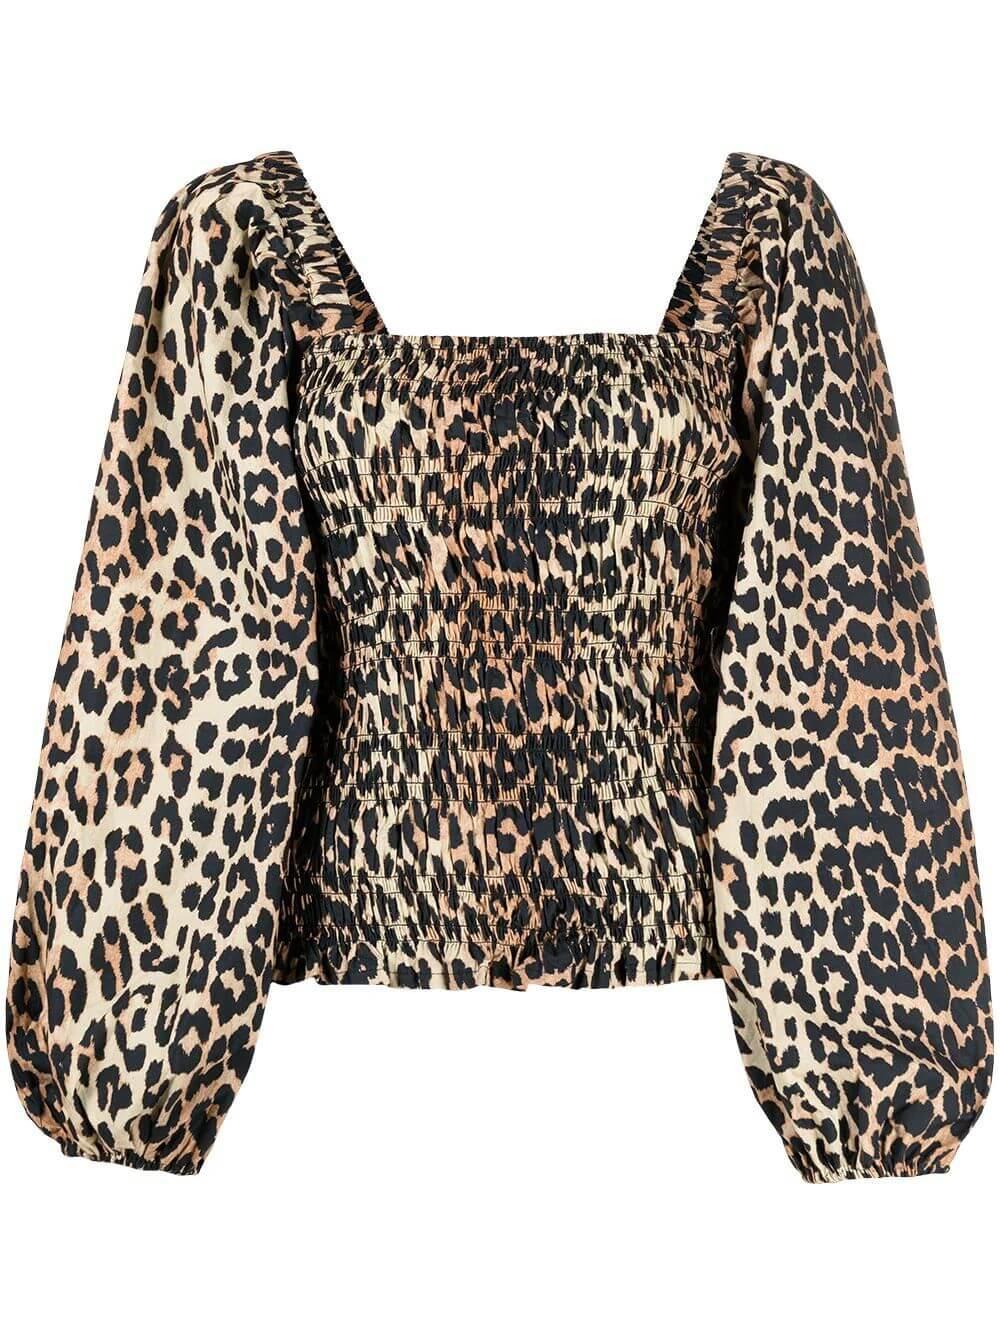 Leopard Poplin Top